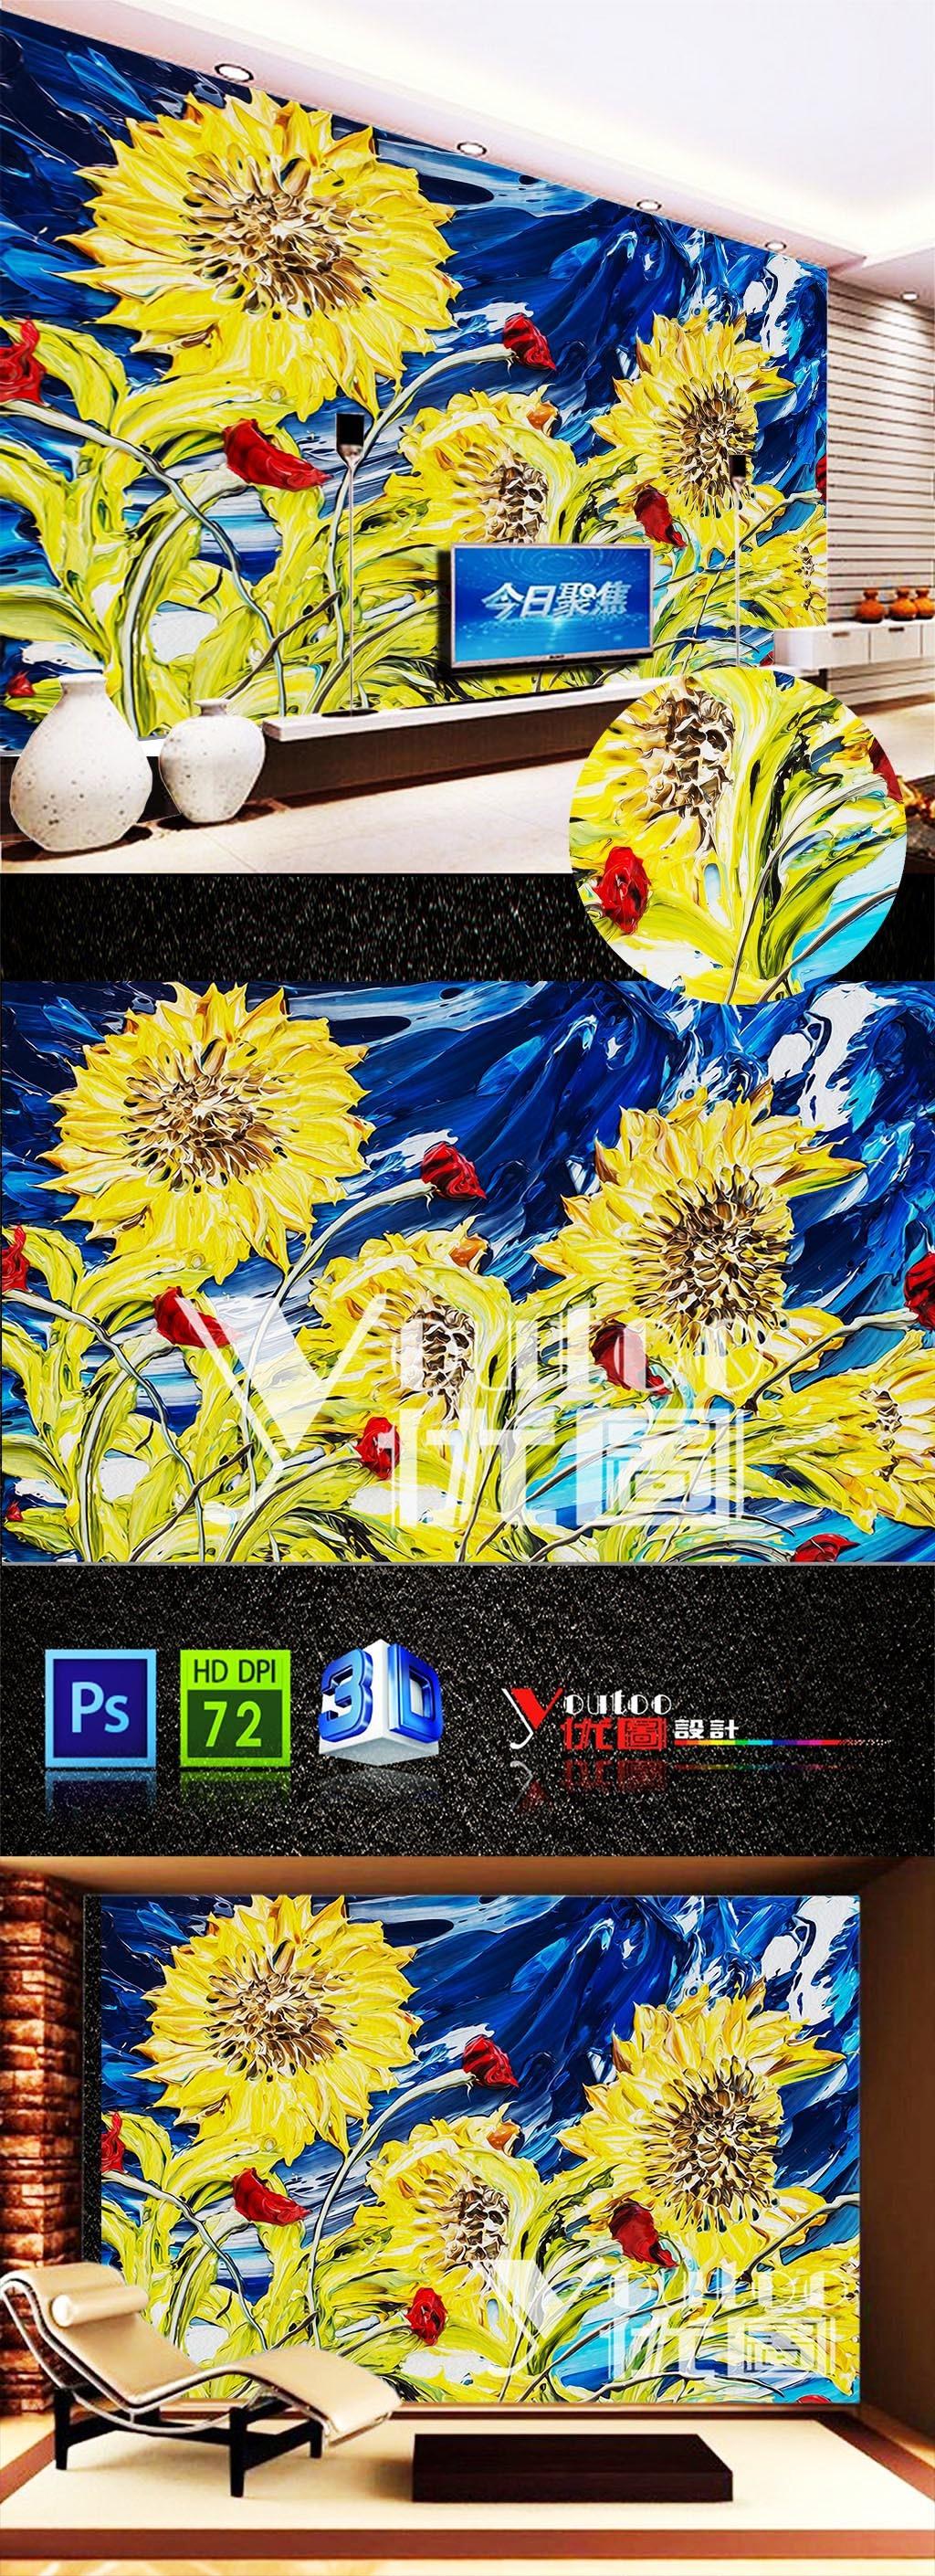 立体手绘油画黄色向日葵电视背景墙模板下载